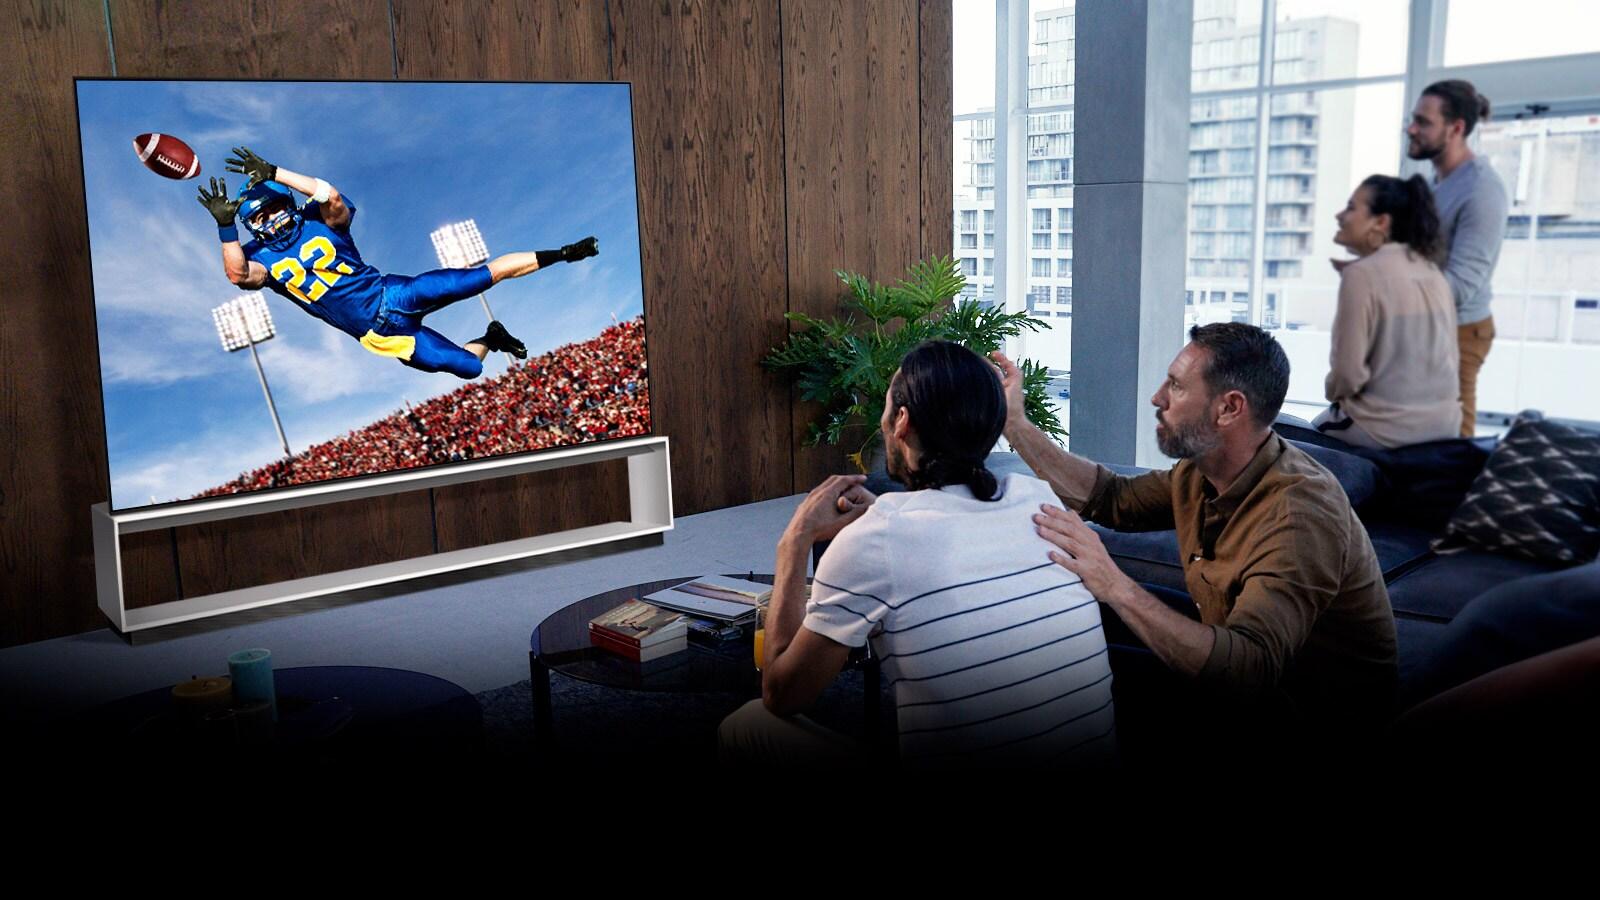 Lidé sledují americký fotbal v televizi v obývacím pokoji